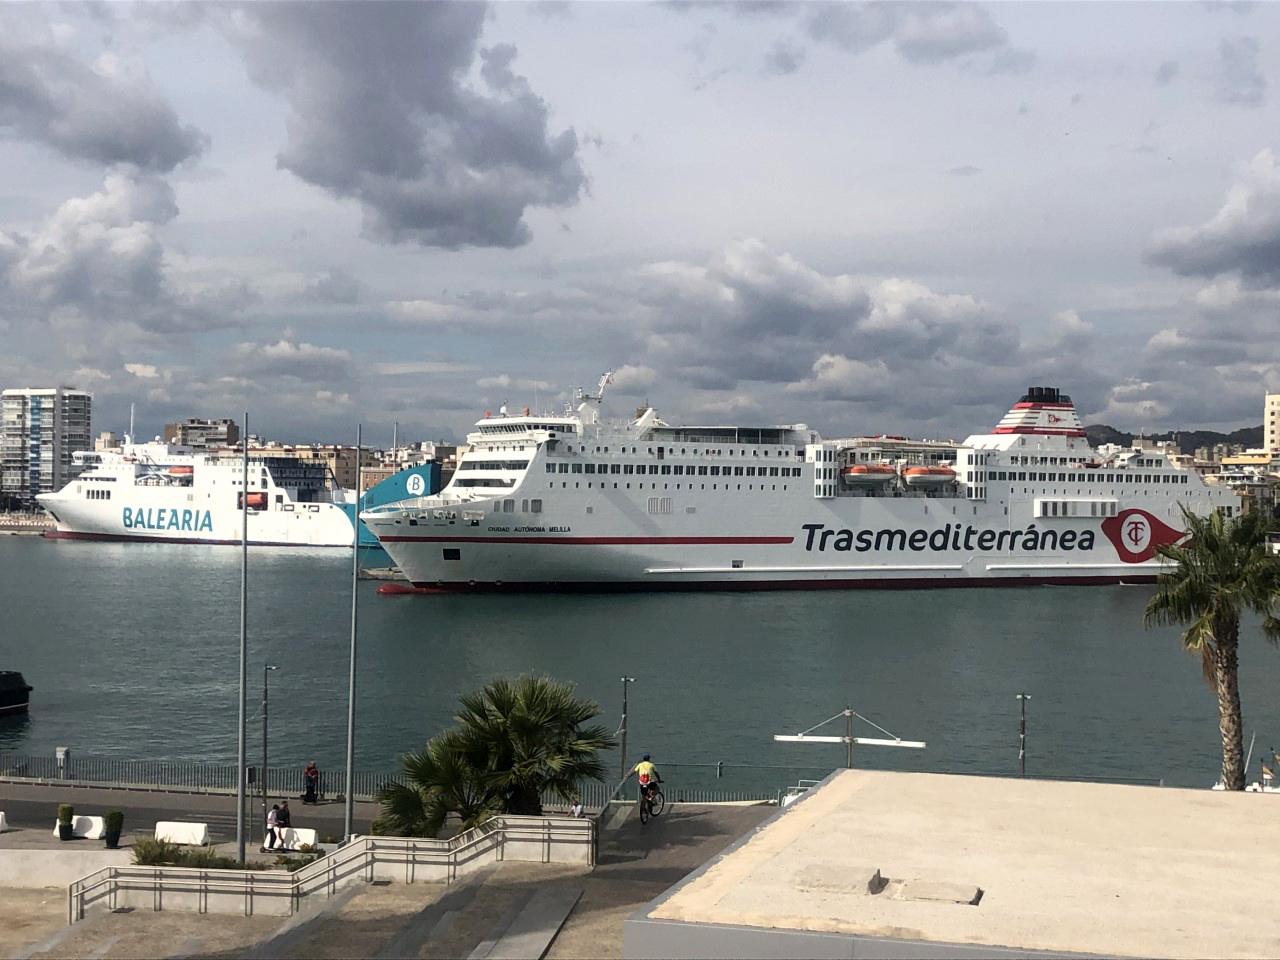 Reducción de la conexión Málaga-Melilla por las restricciones de movimiento entre territorios